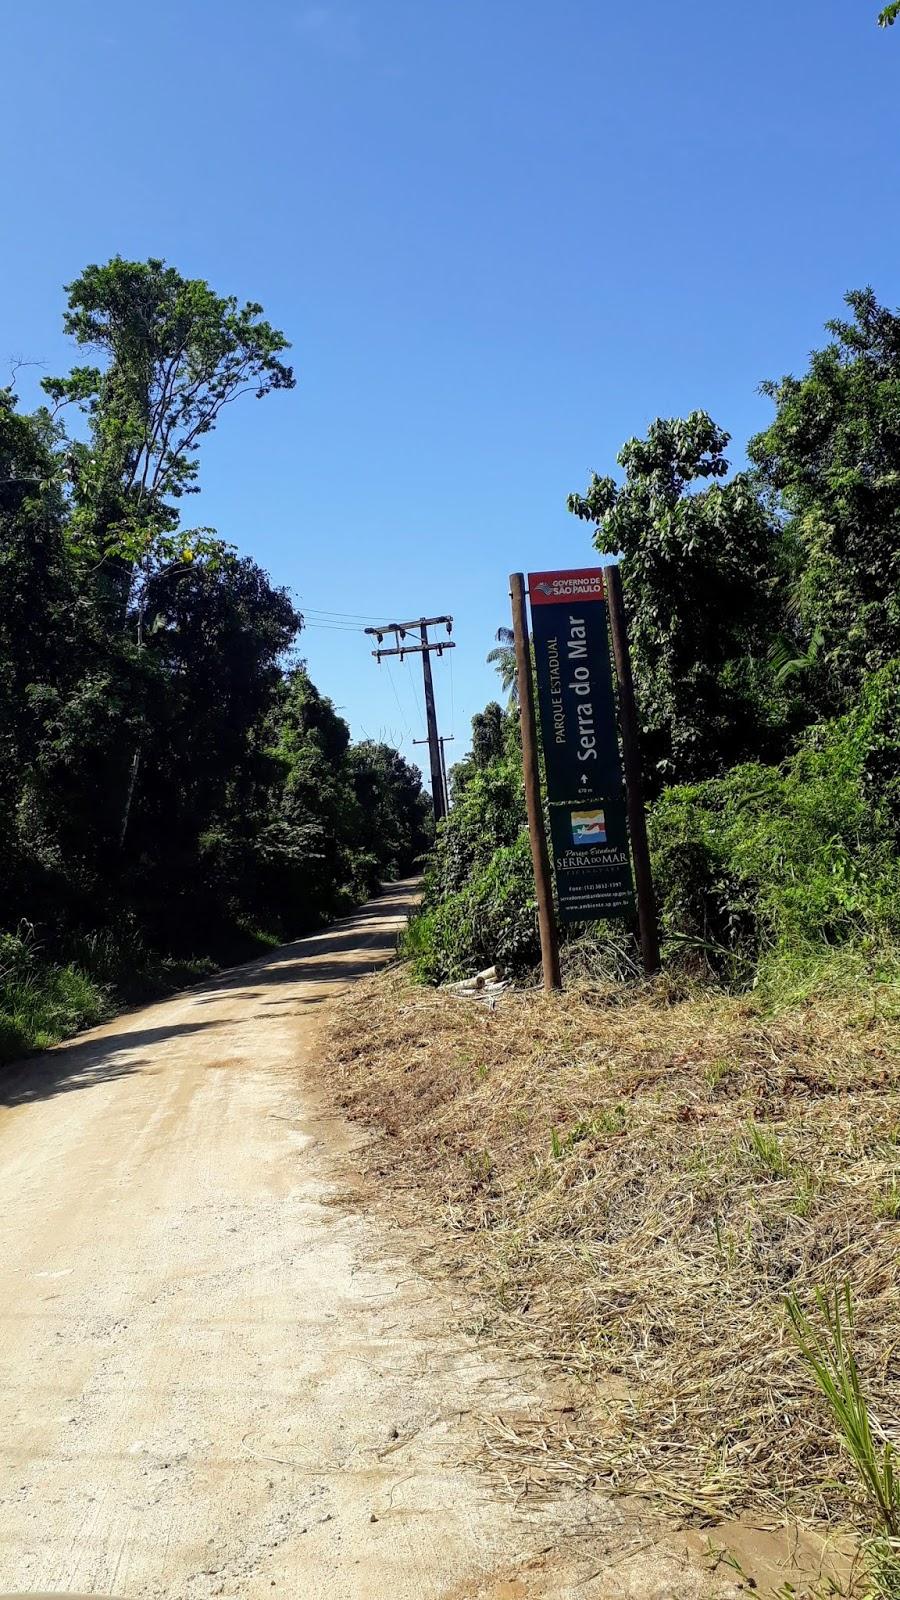 Início da estrada de terra com a placa que leva ao Centro de visitantes da Praia da Fazenda